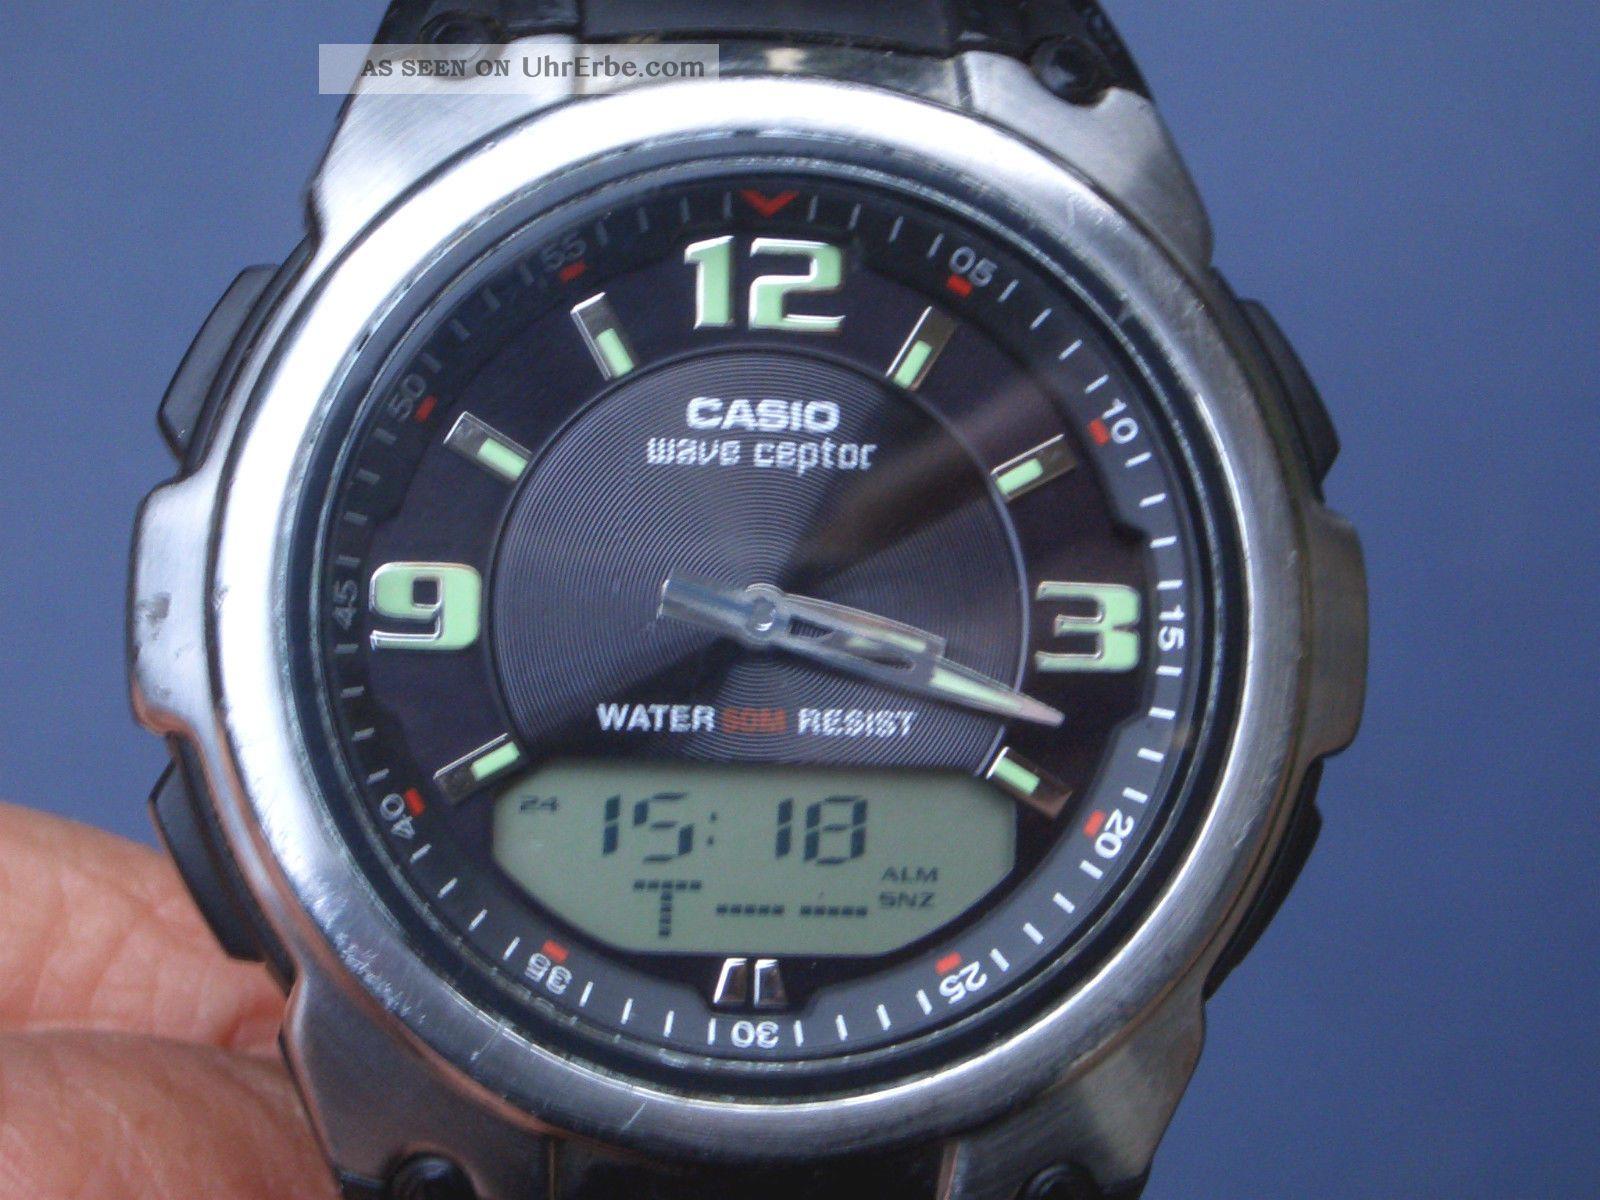 Seltene Casio Funkuhr Herren Armbanduhr Gut Erhalten Alle Funktionen Laufen Gut. Armbanduhren Bild